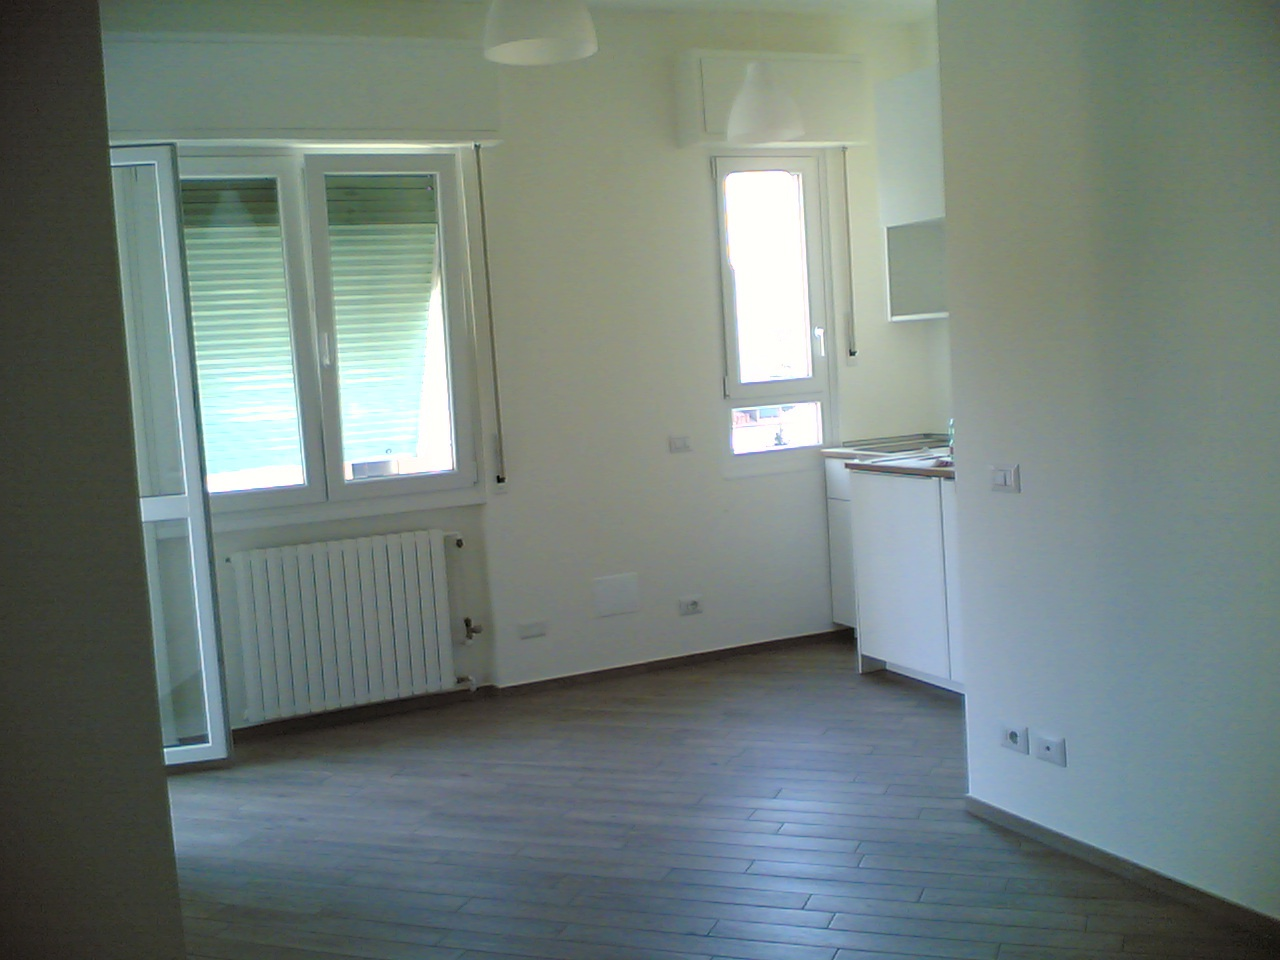 Appartamento bilocale in affitto a Milano (MI)